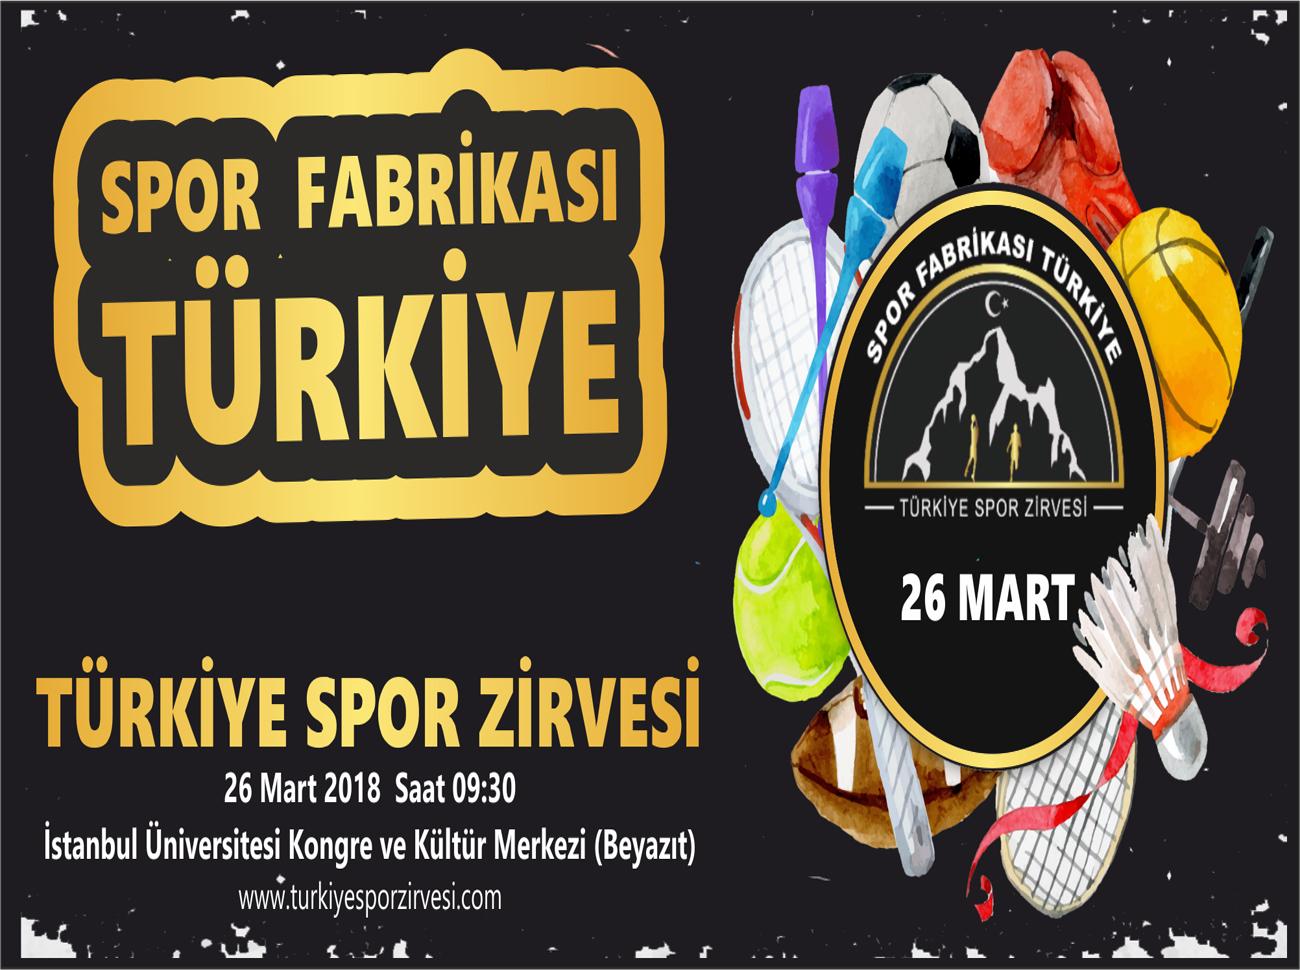 Türkiye'nin Spordaki Geleceği Türkiye Spor Zirvesi'nde Belirleniyor